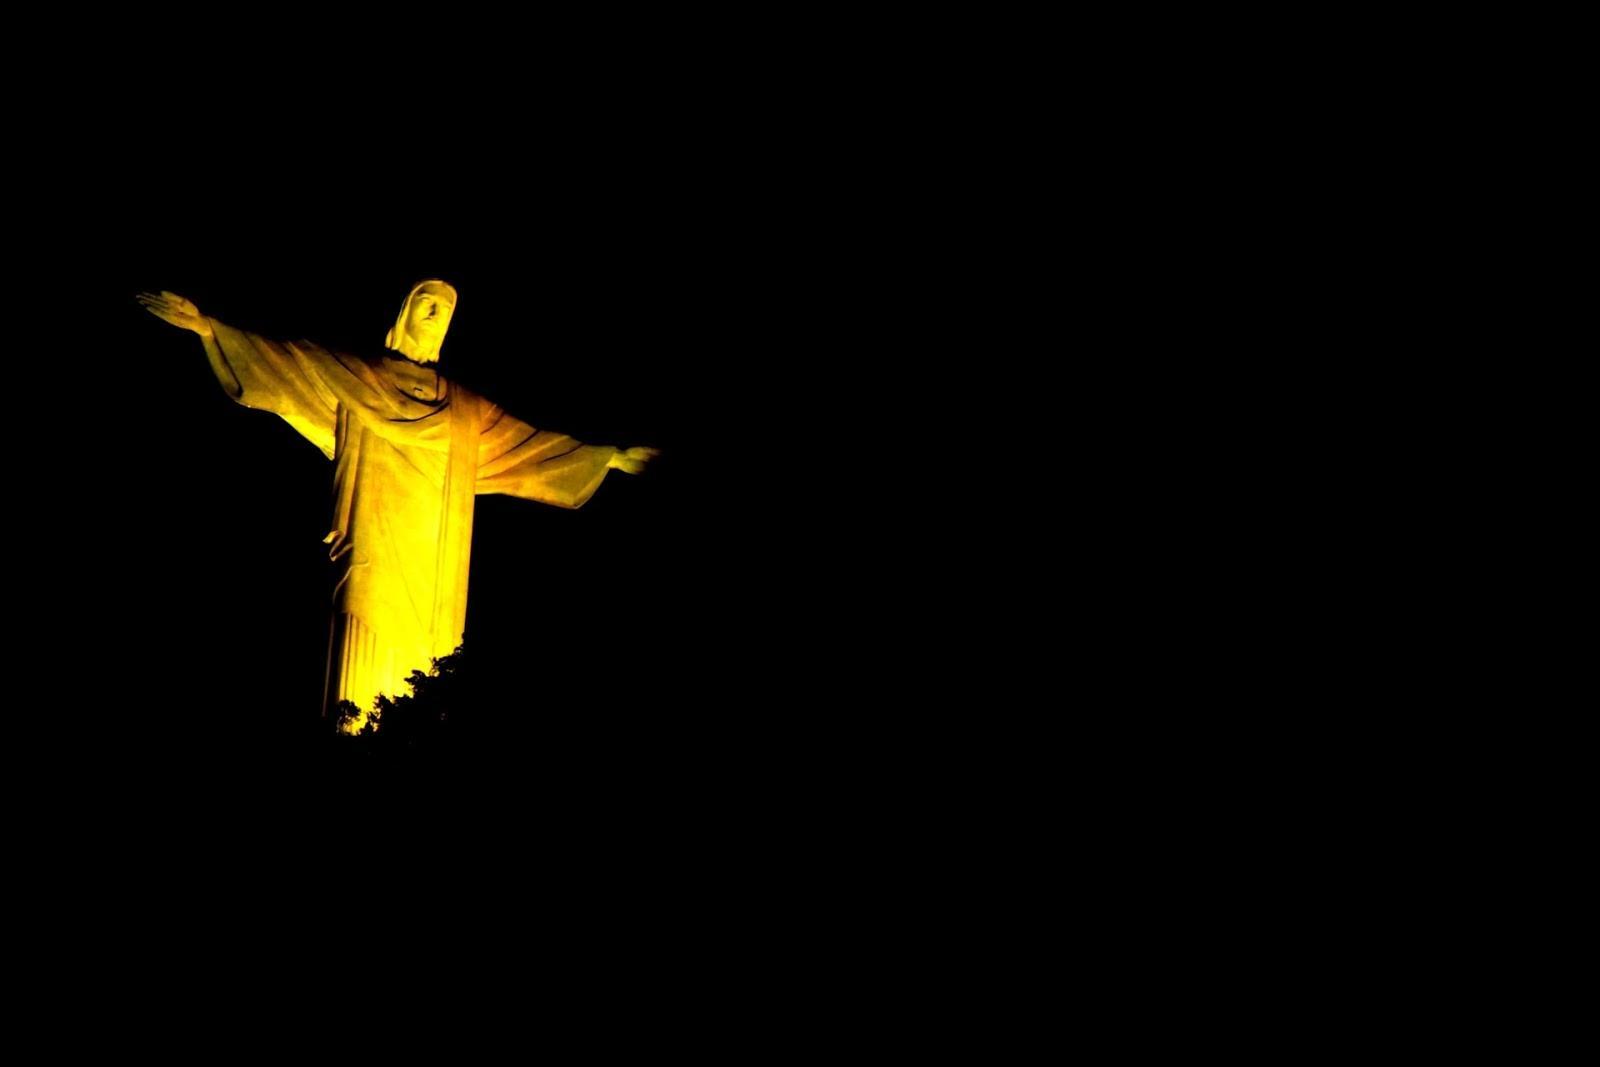 cristo redentor setembro amarelo